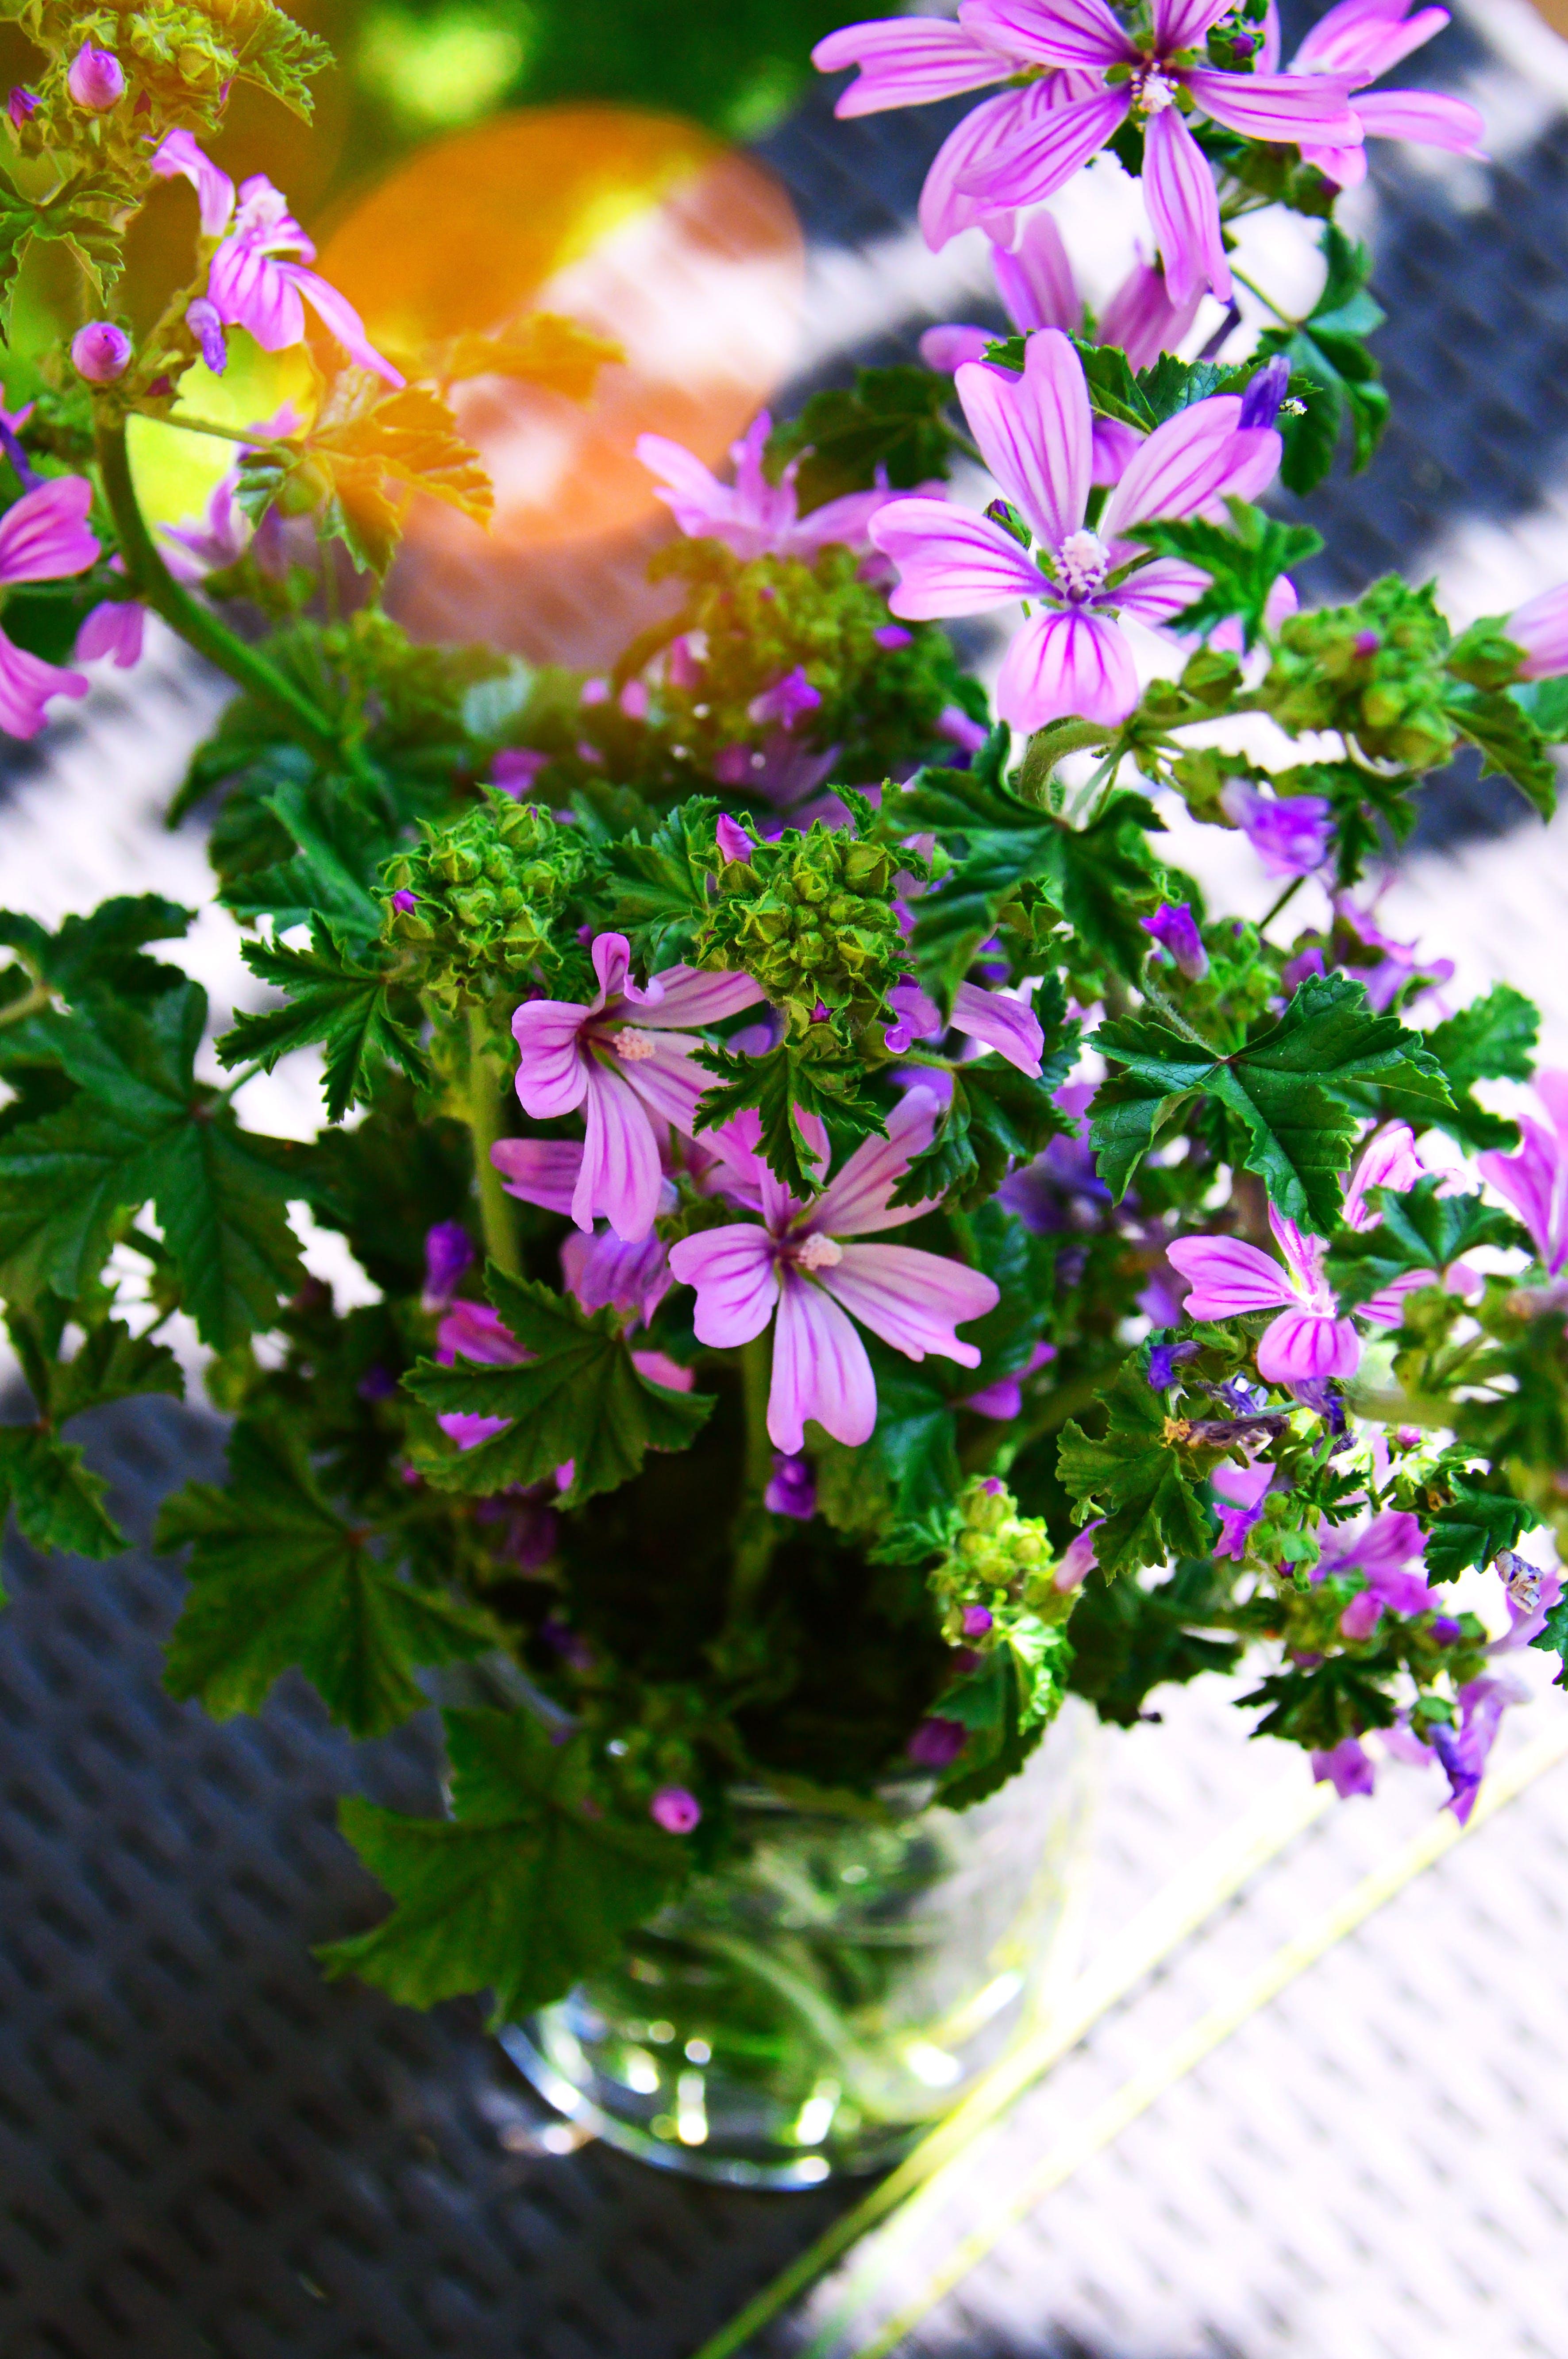 꽃, 꽃이 피는, 꽃잎, 녹색의 무료 스톡 사진